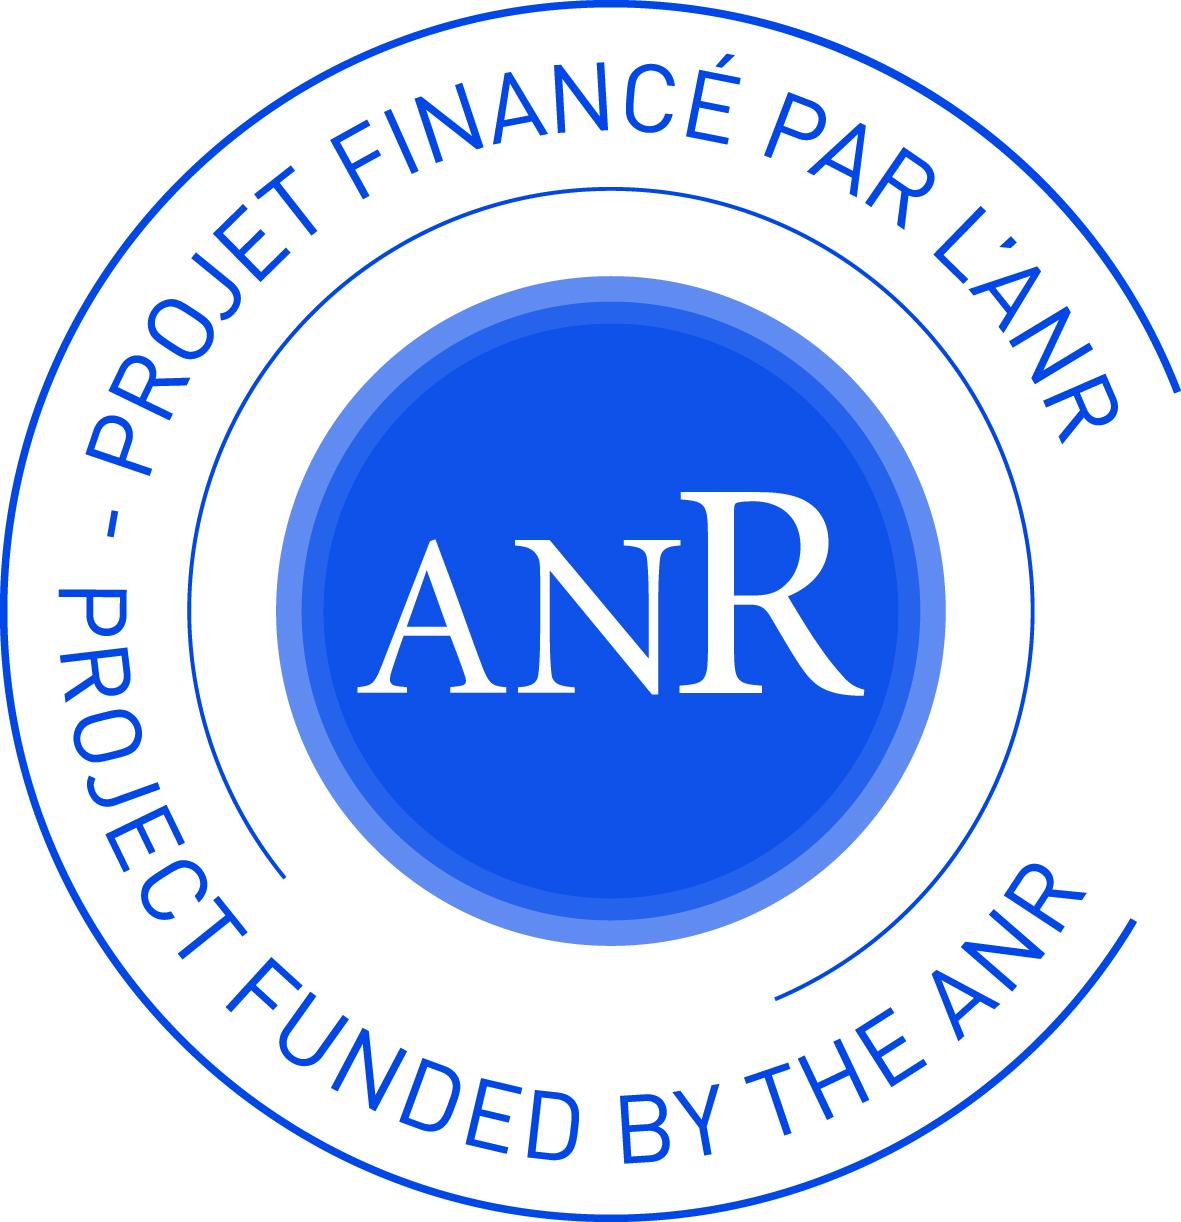 Résultat de recherche d'images pour 'logo ANR'